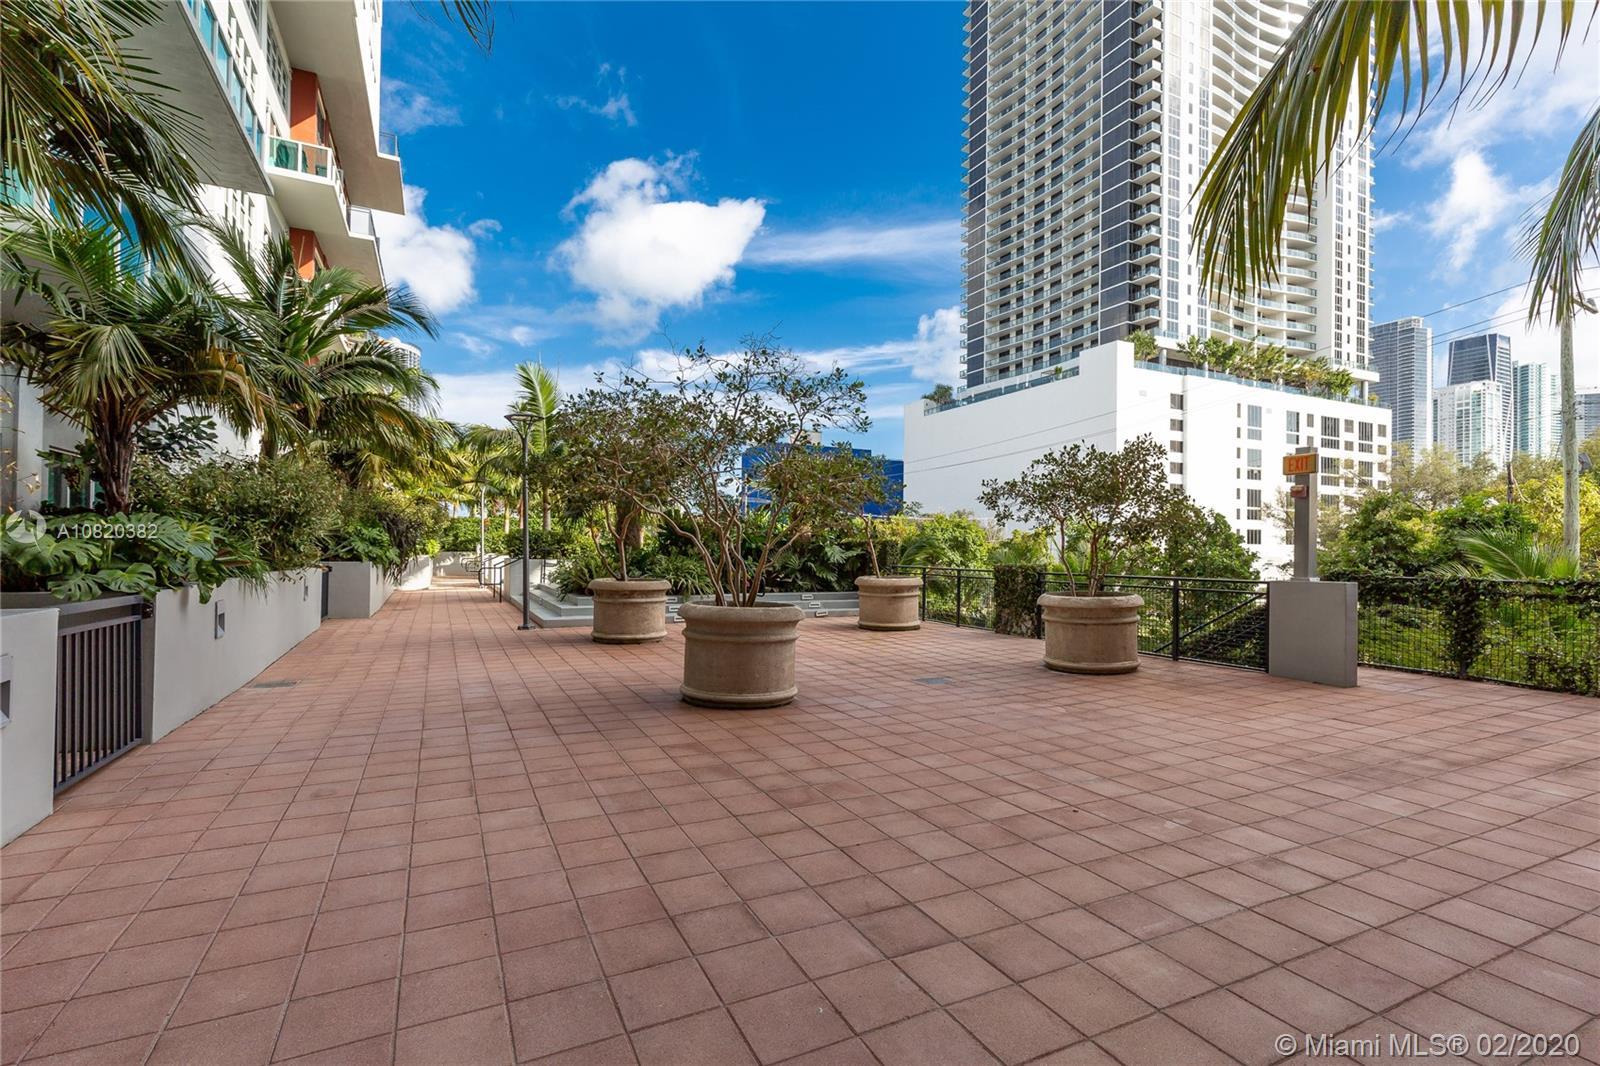 1749 NE Miami Ct #204 photo08